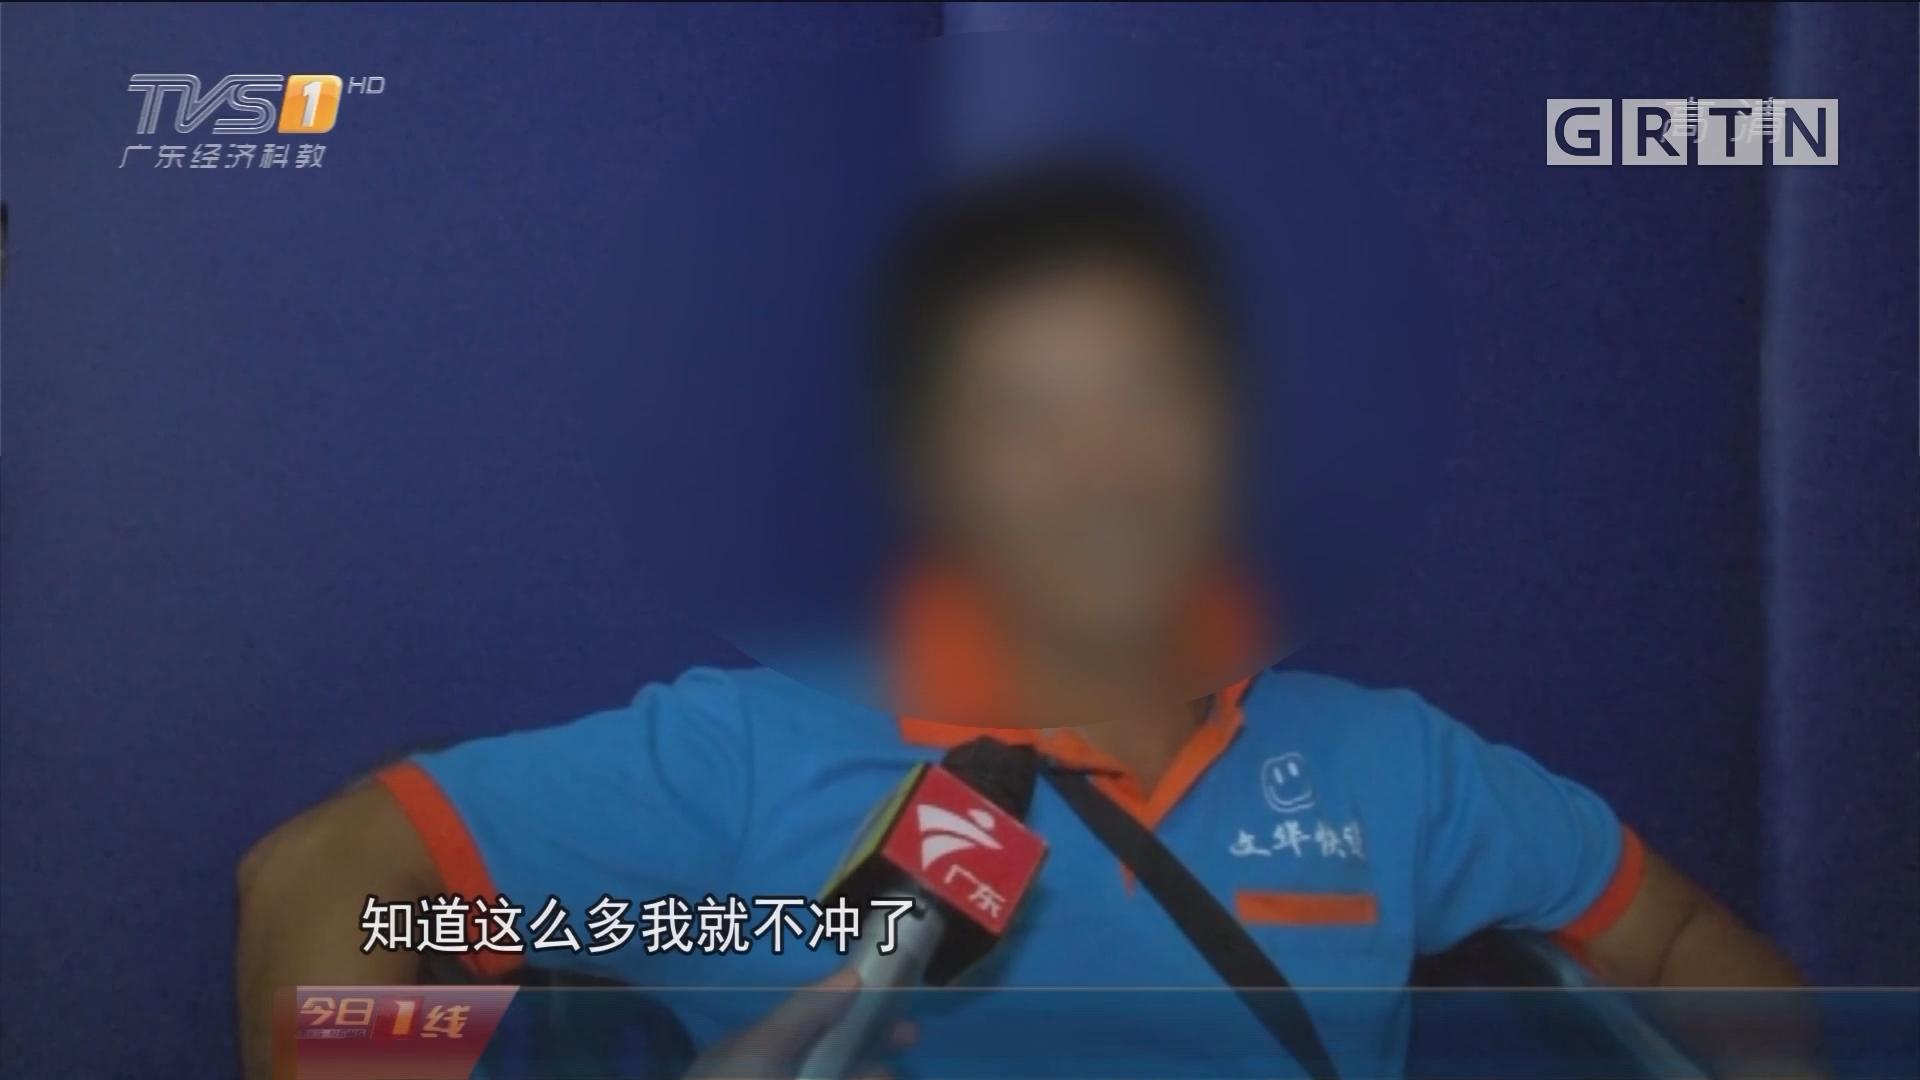 茂名:冲红灯456次 外卖小哥被抓要罚九万